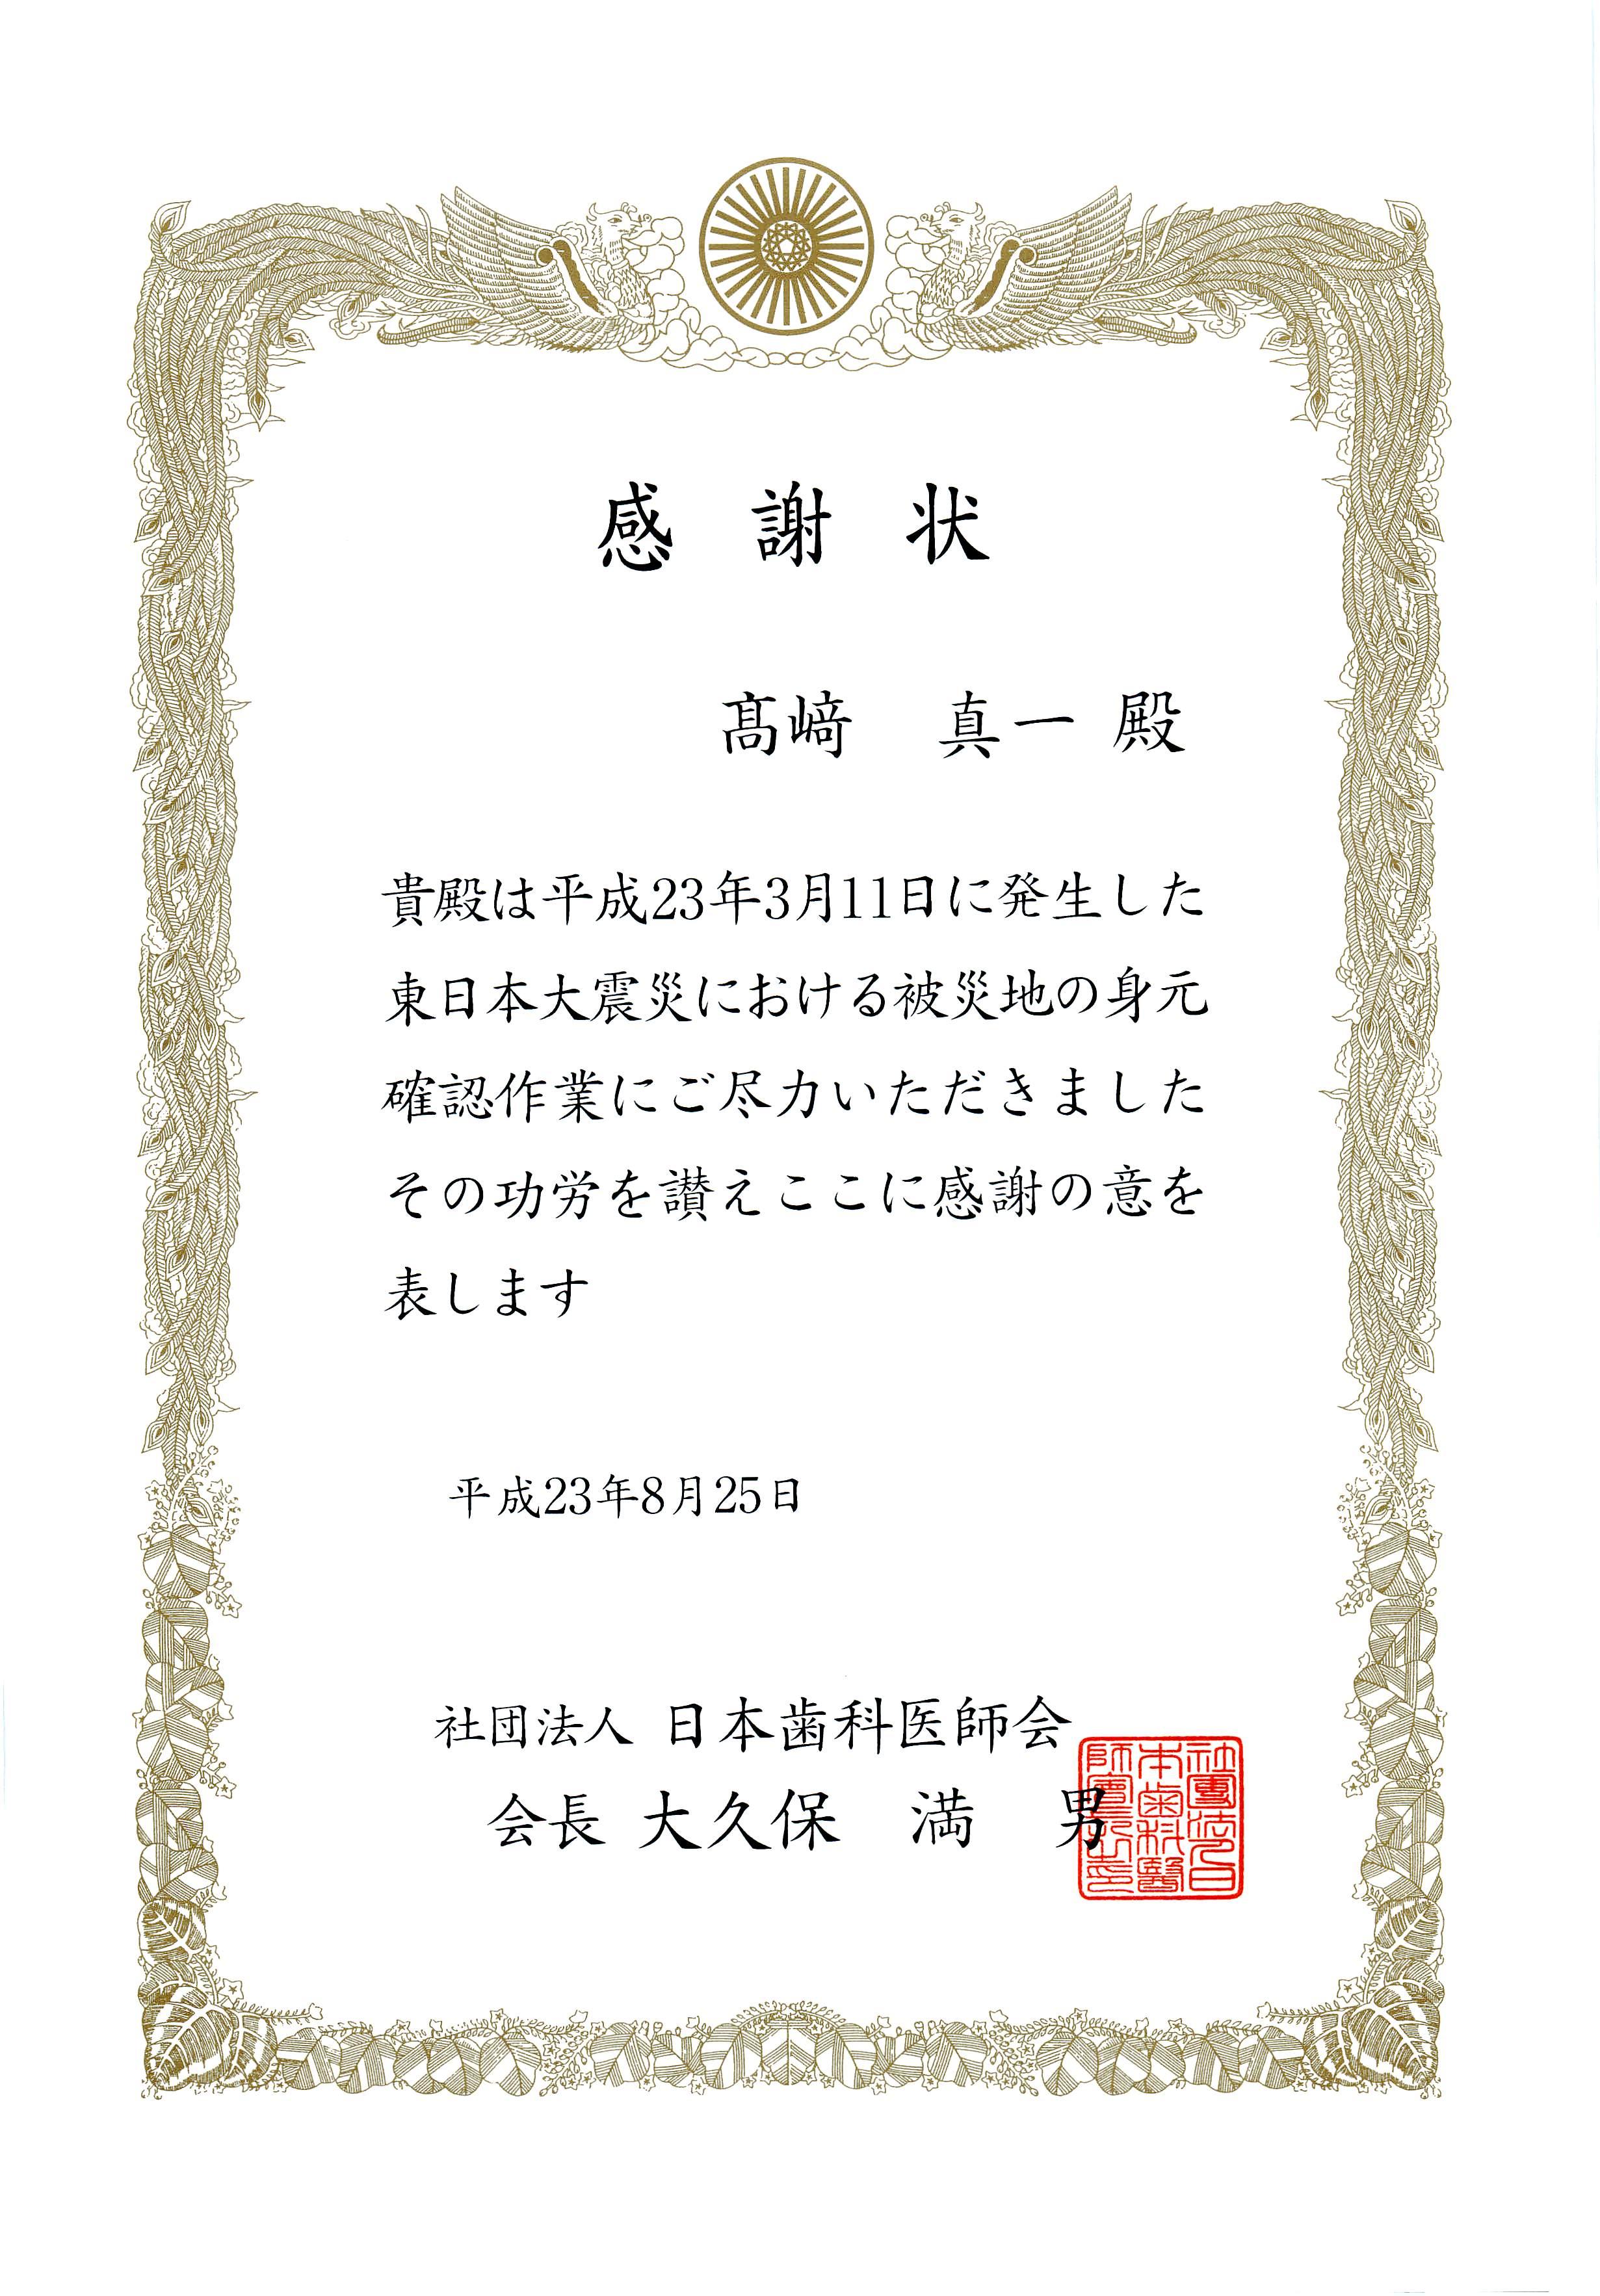 120120東日本大震災感謝状1 - 表彰状をもらいました